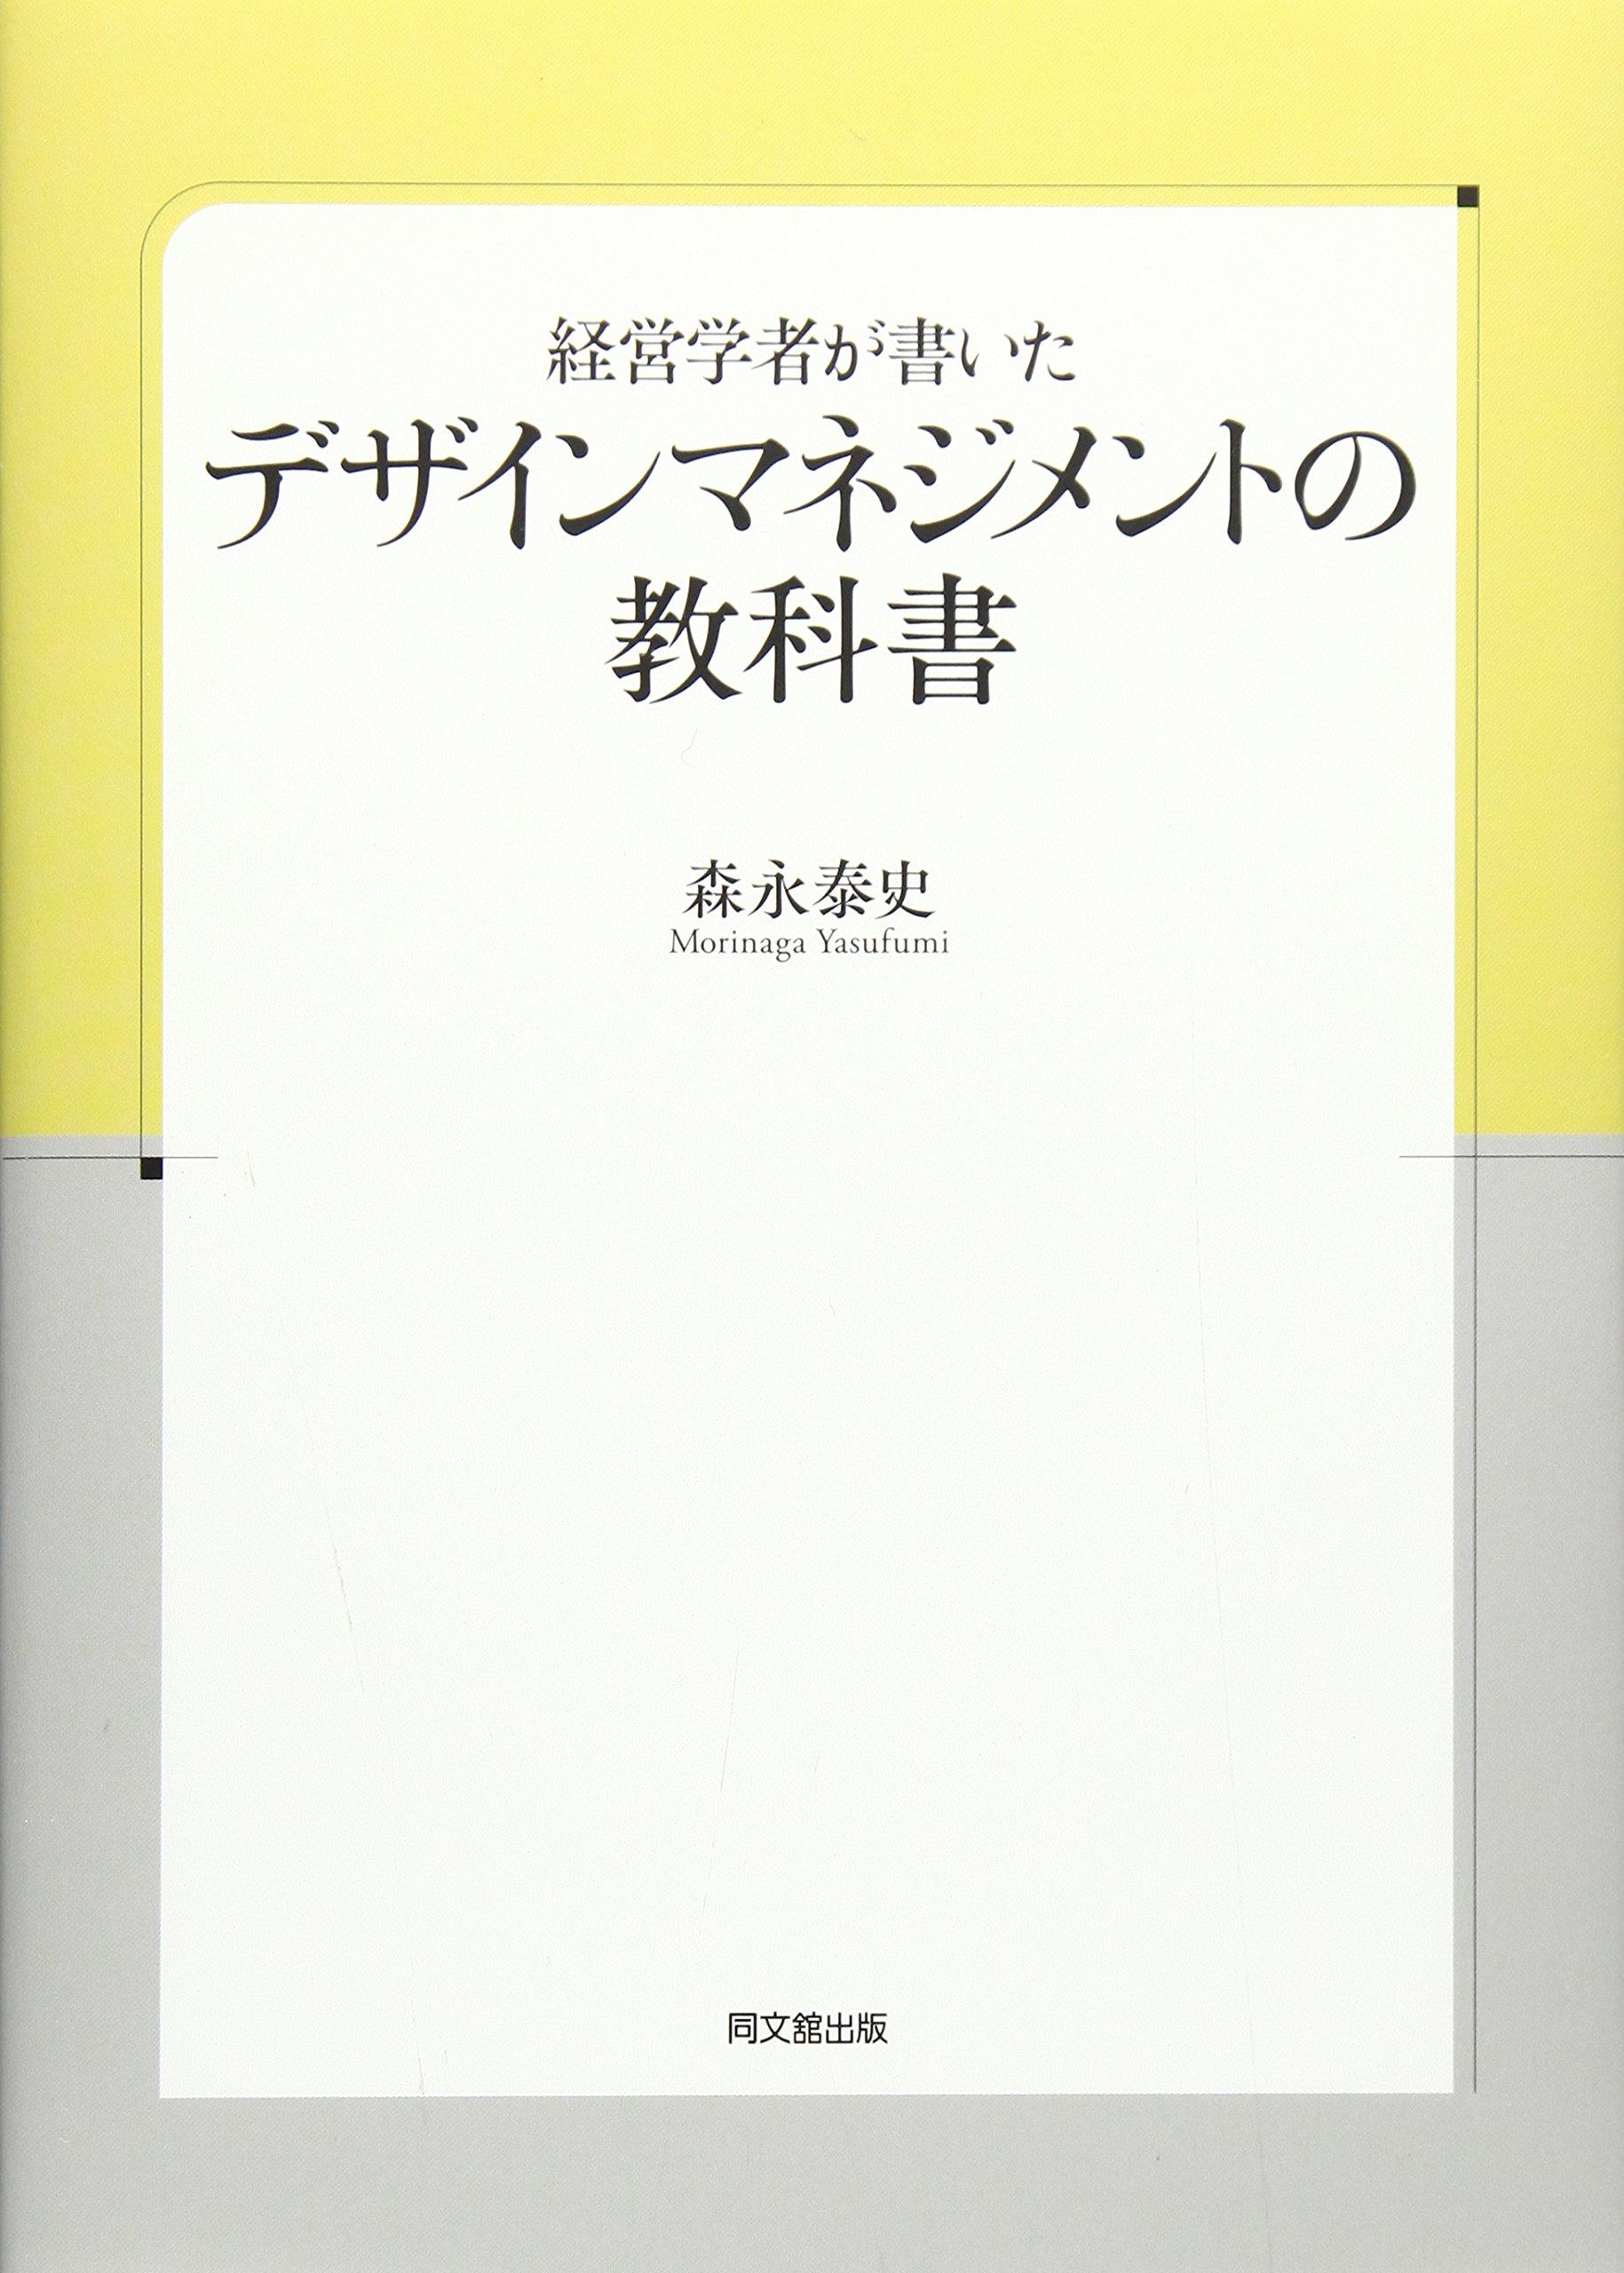 森永泰史 (京都産業大学) 著『経営学者が書いたデザインマネジメントの教科書』